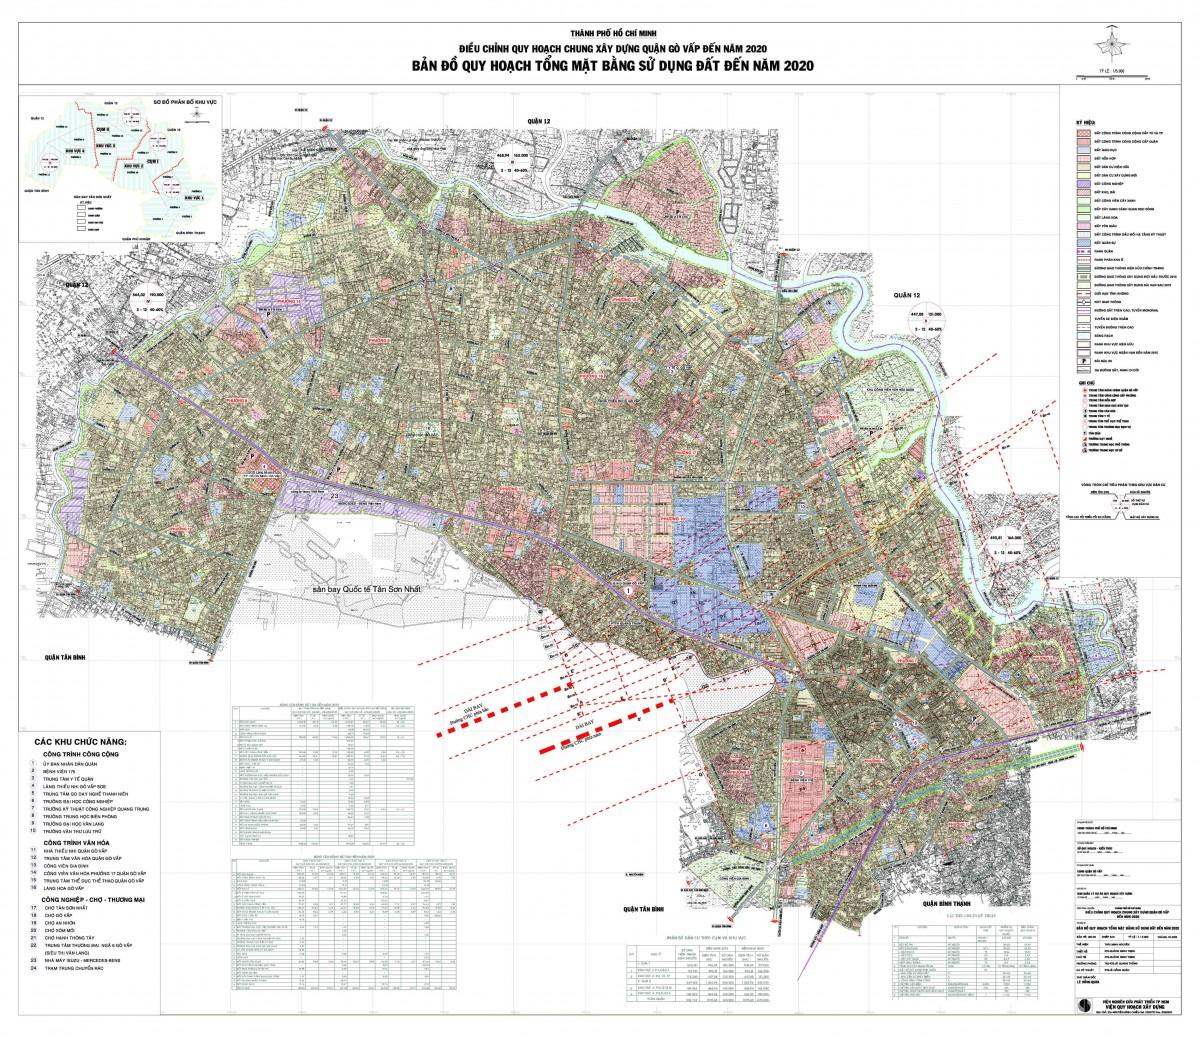 Bản đồ Quận Gò VấpTPHCM